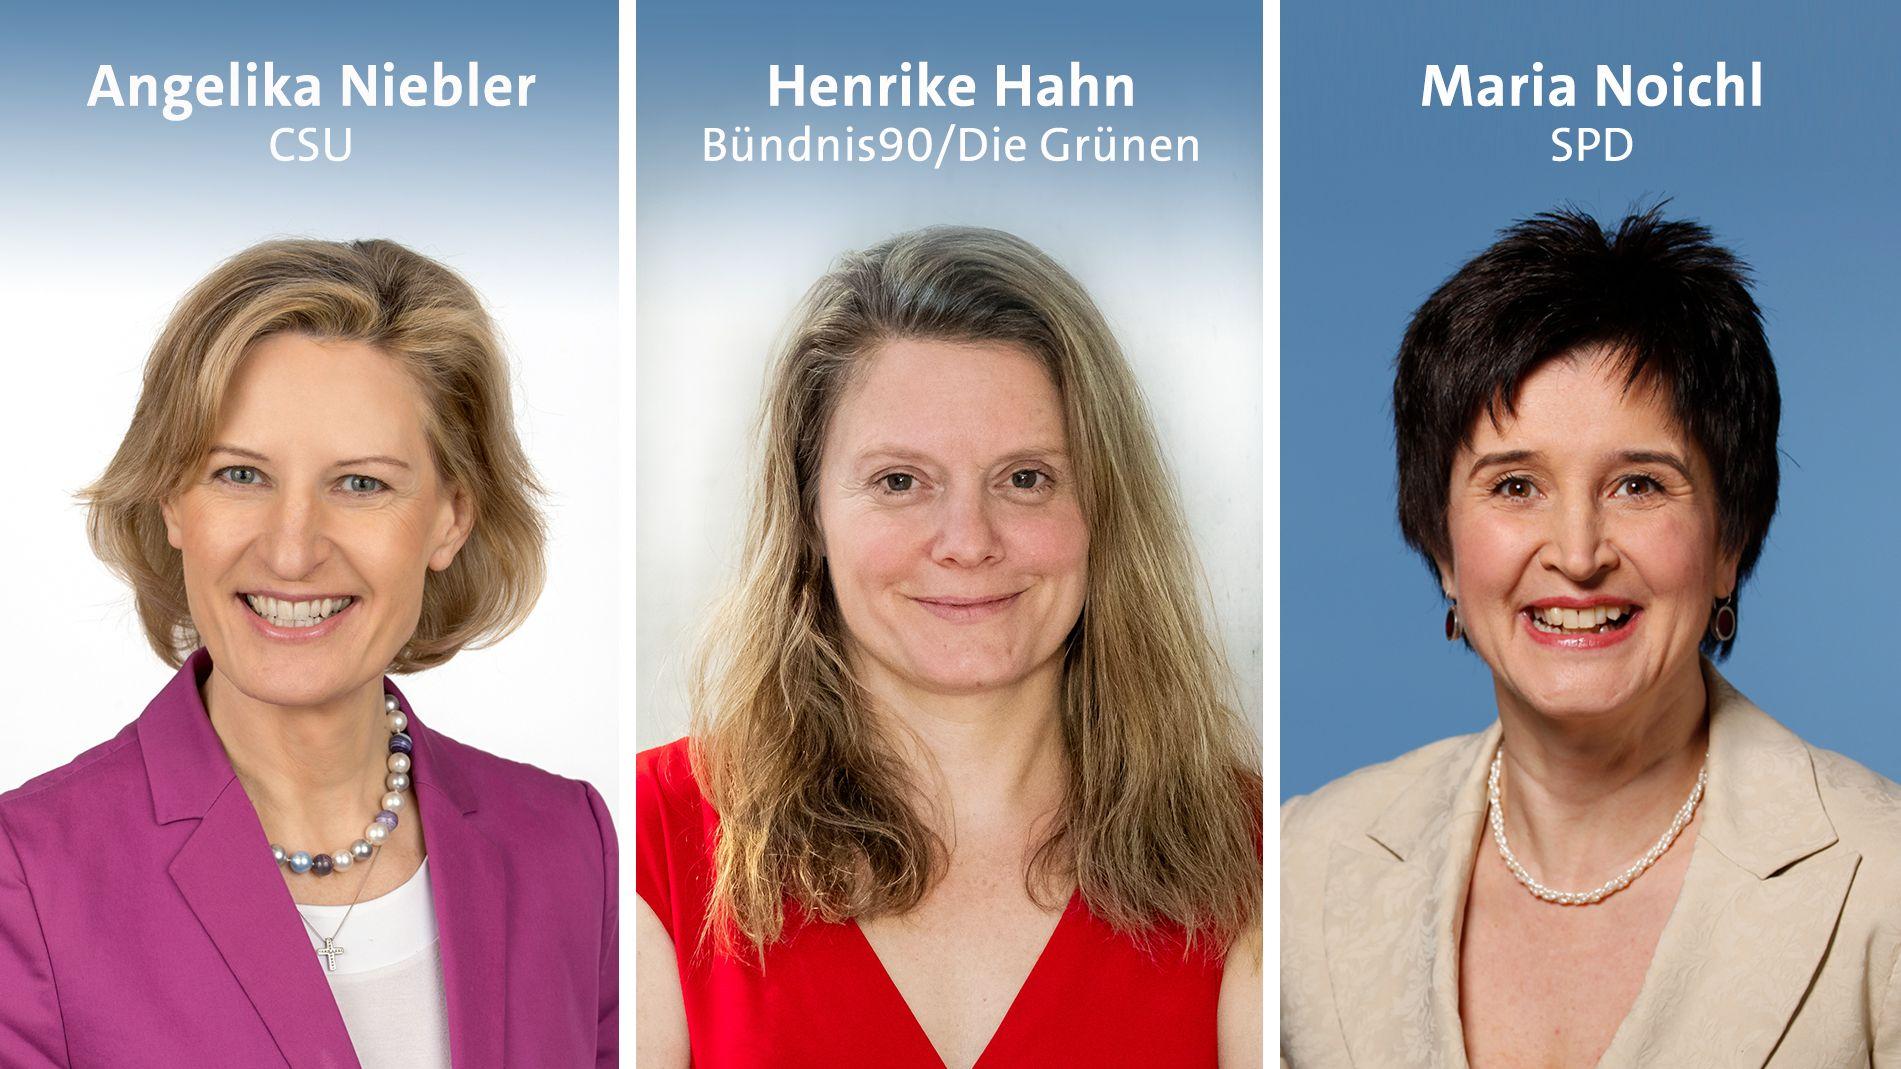 Angelika Niebler (CSU), Henrike Hahn (Bündnis 90 / Die Grünen) und Maria Noichl (SPD)